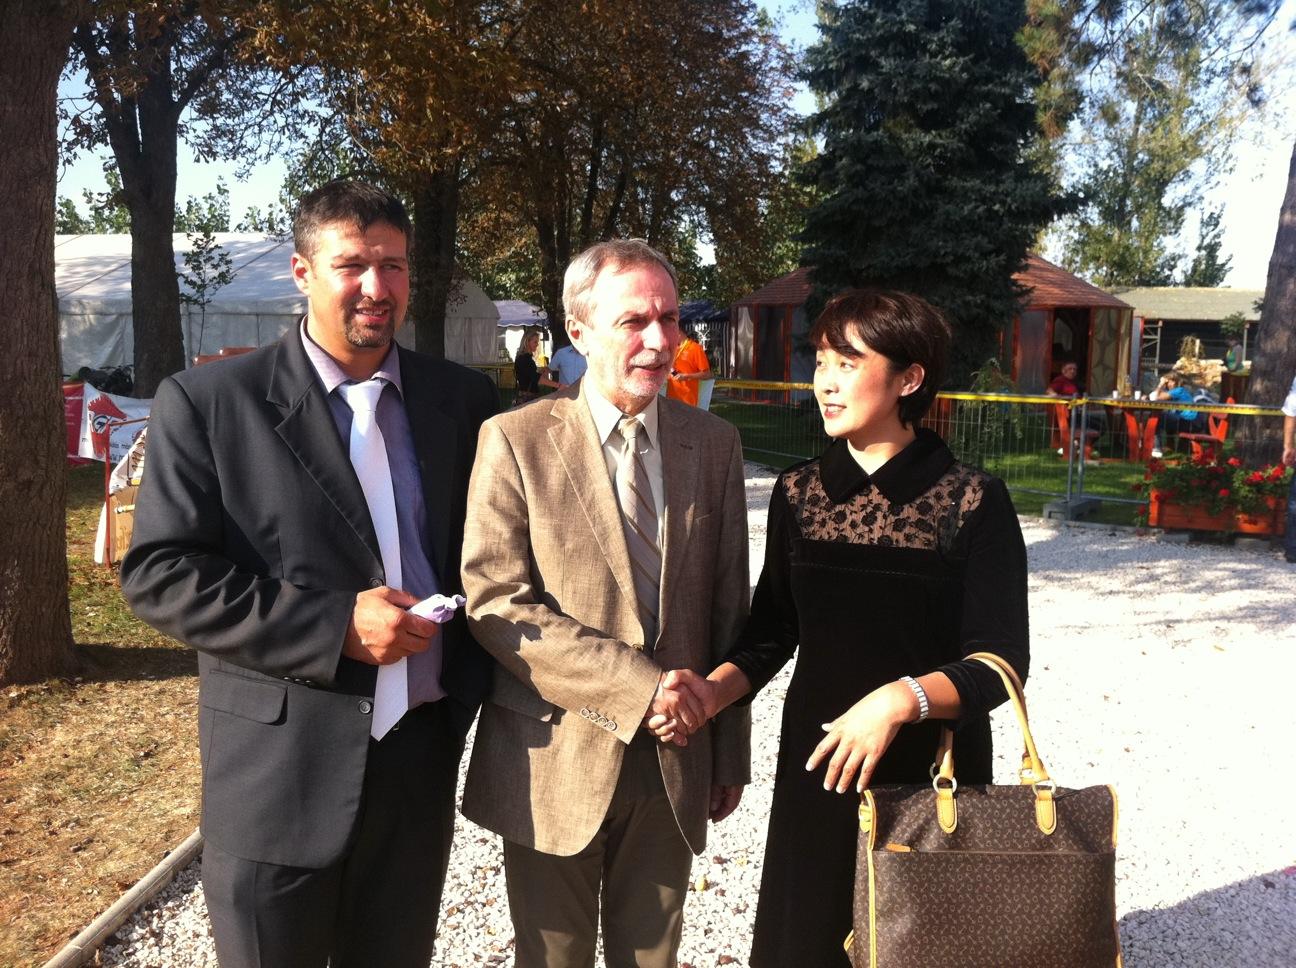 图中是Simonka Gyorgy 布斯島老高依镇镇长并国会议员和Czervan Gyorgy国务秘书先生同苏畅女士东方太阳能公司老板。